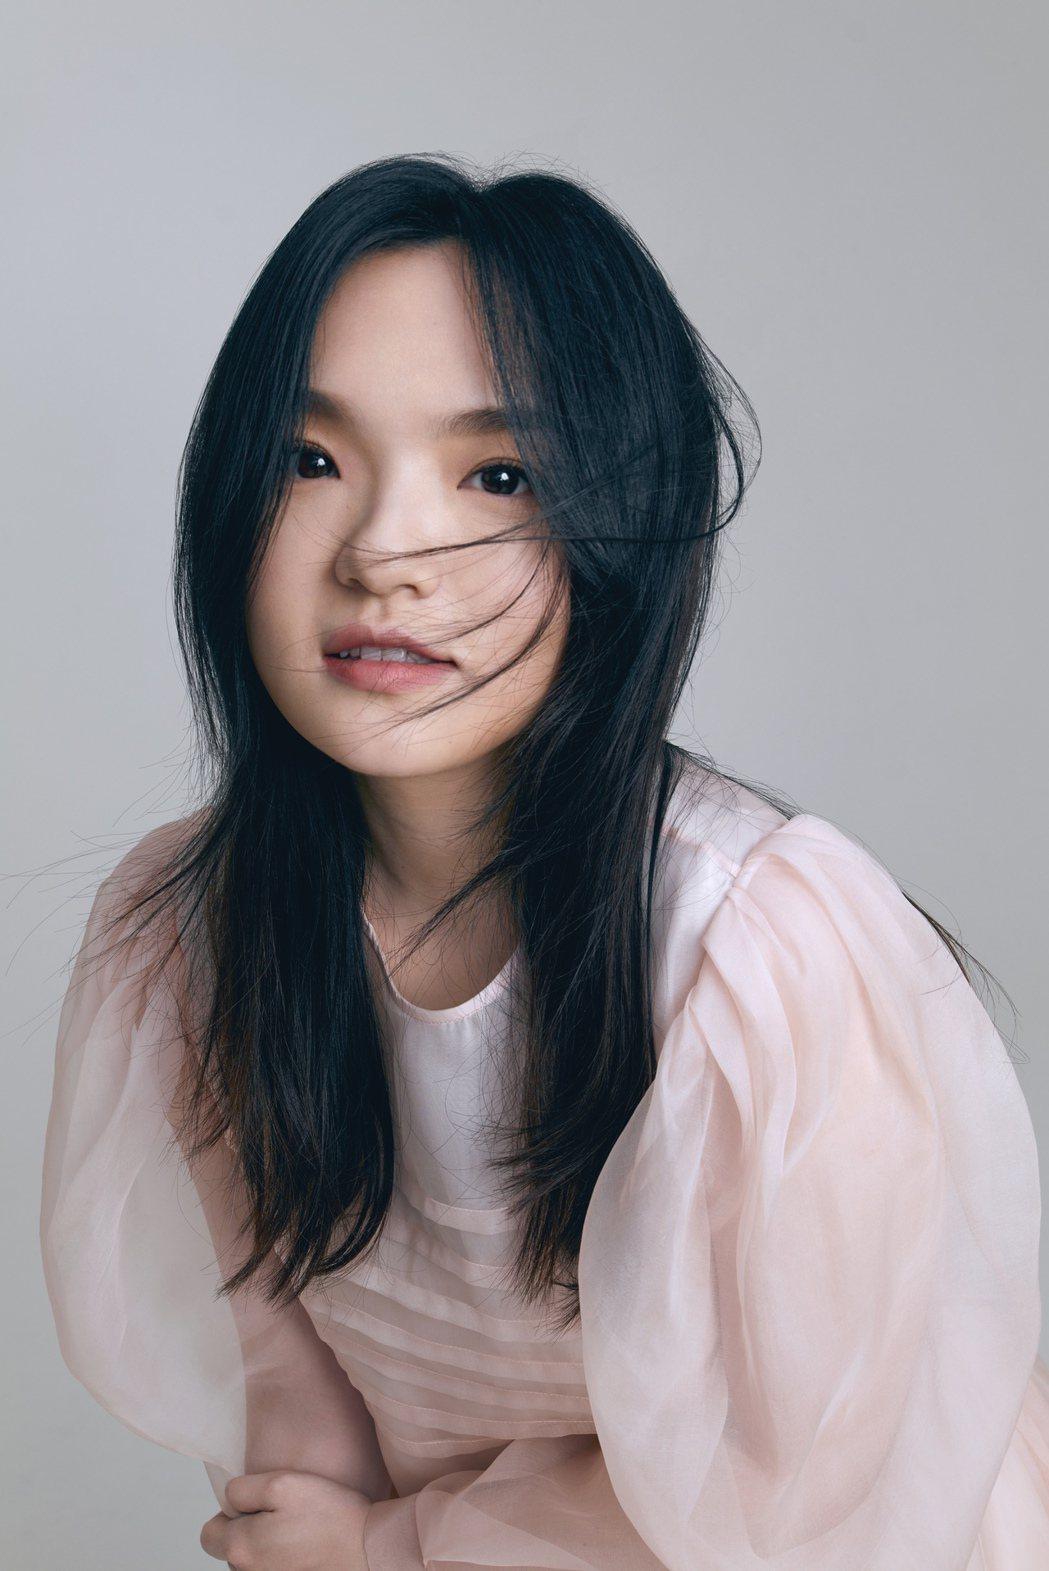 徐佳瑩昨晚快閃直播,並推出新歌「雛形」。圖/亞神音樂提供